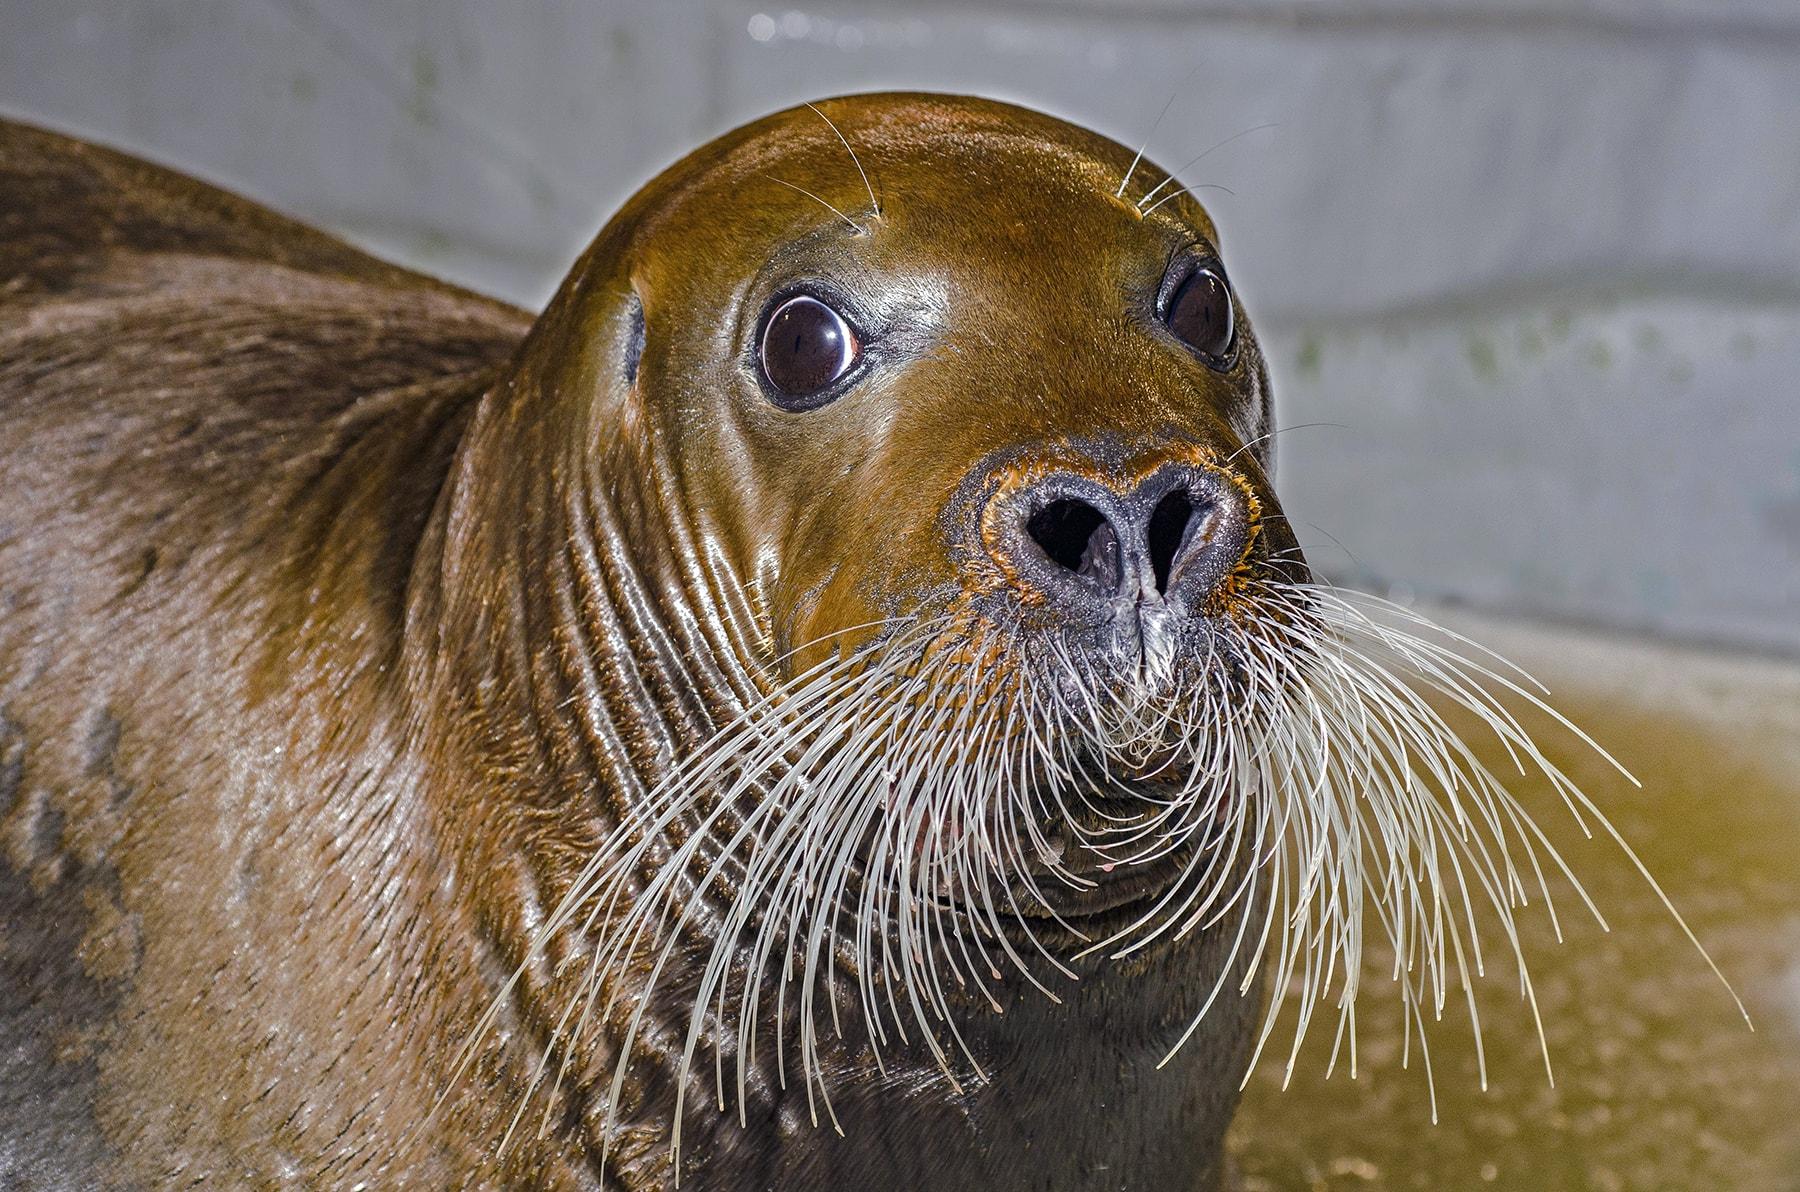 Phoque à moustaches, espèce arctique parmi les plus imposantes et rarement présentées en aquarium.